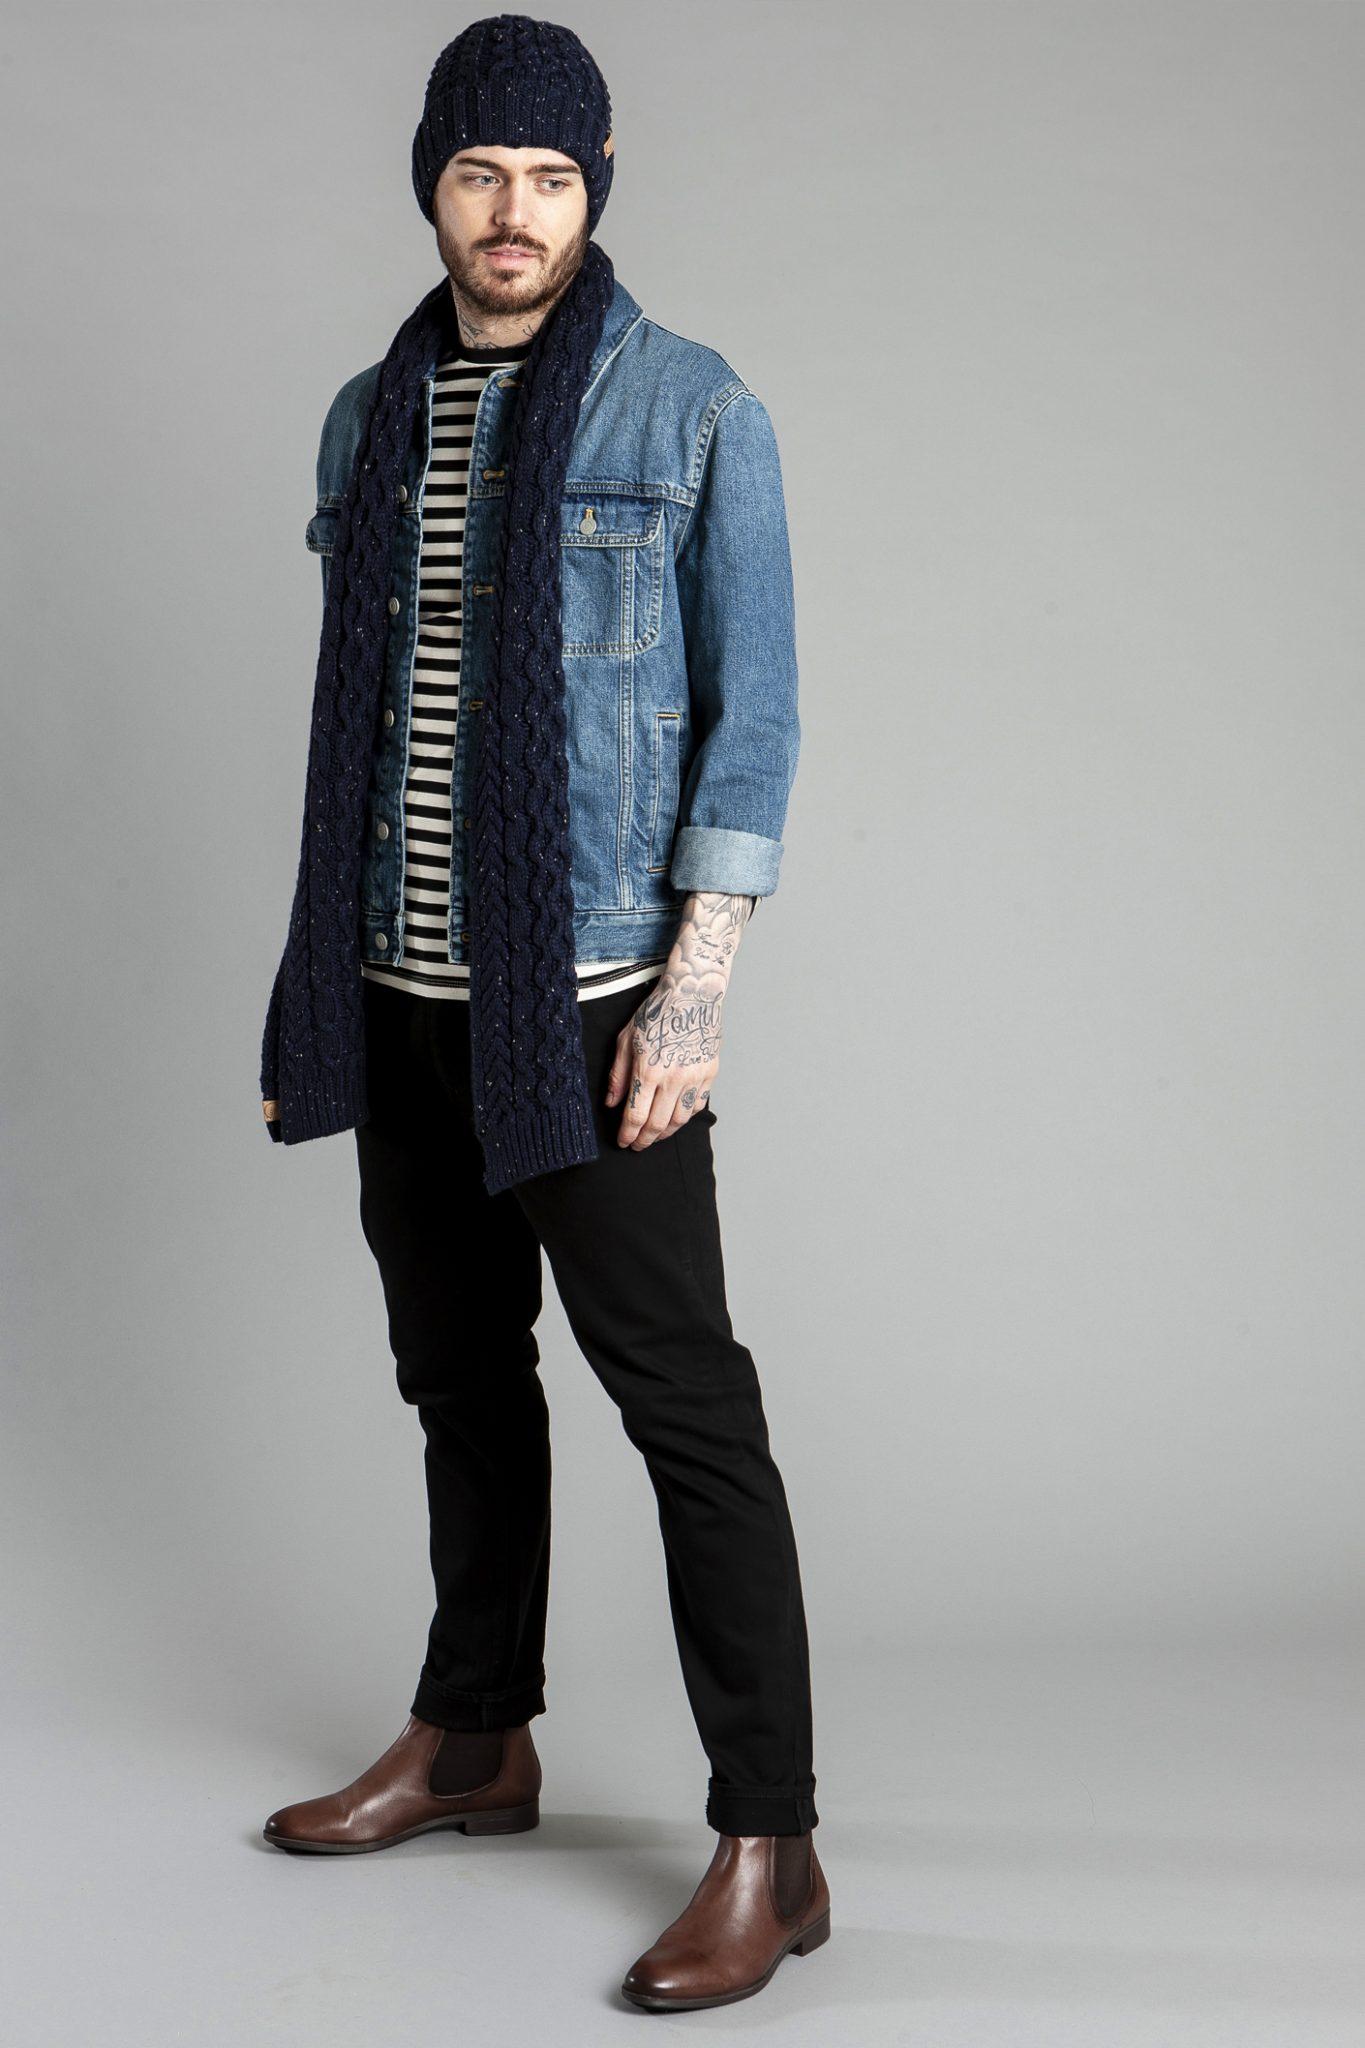 menswear-fashion-photographer